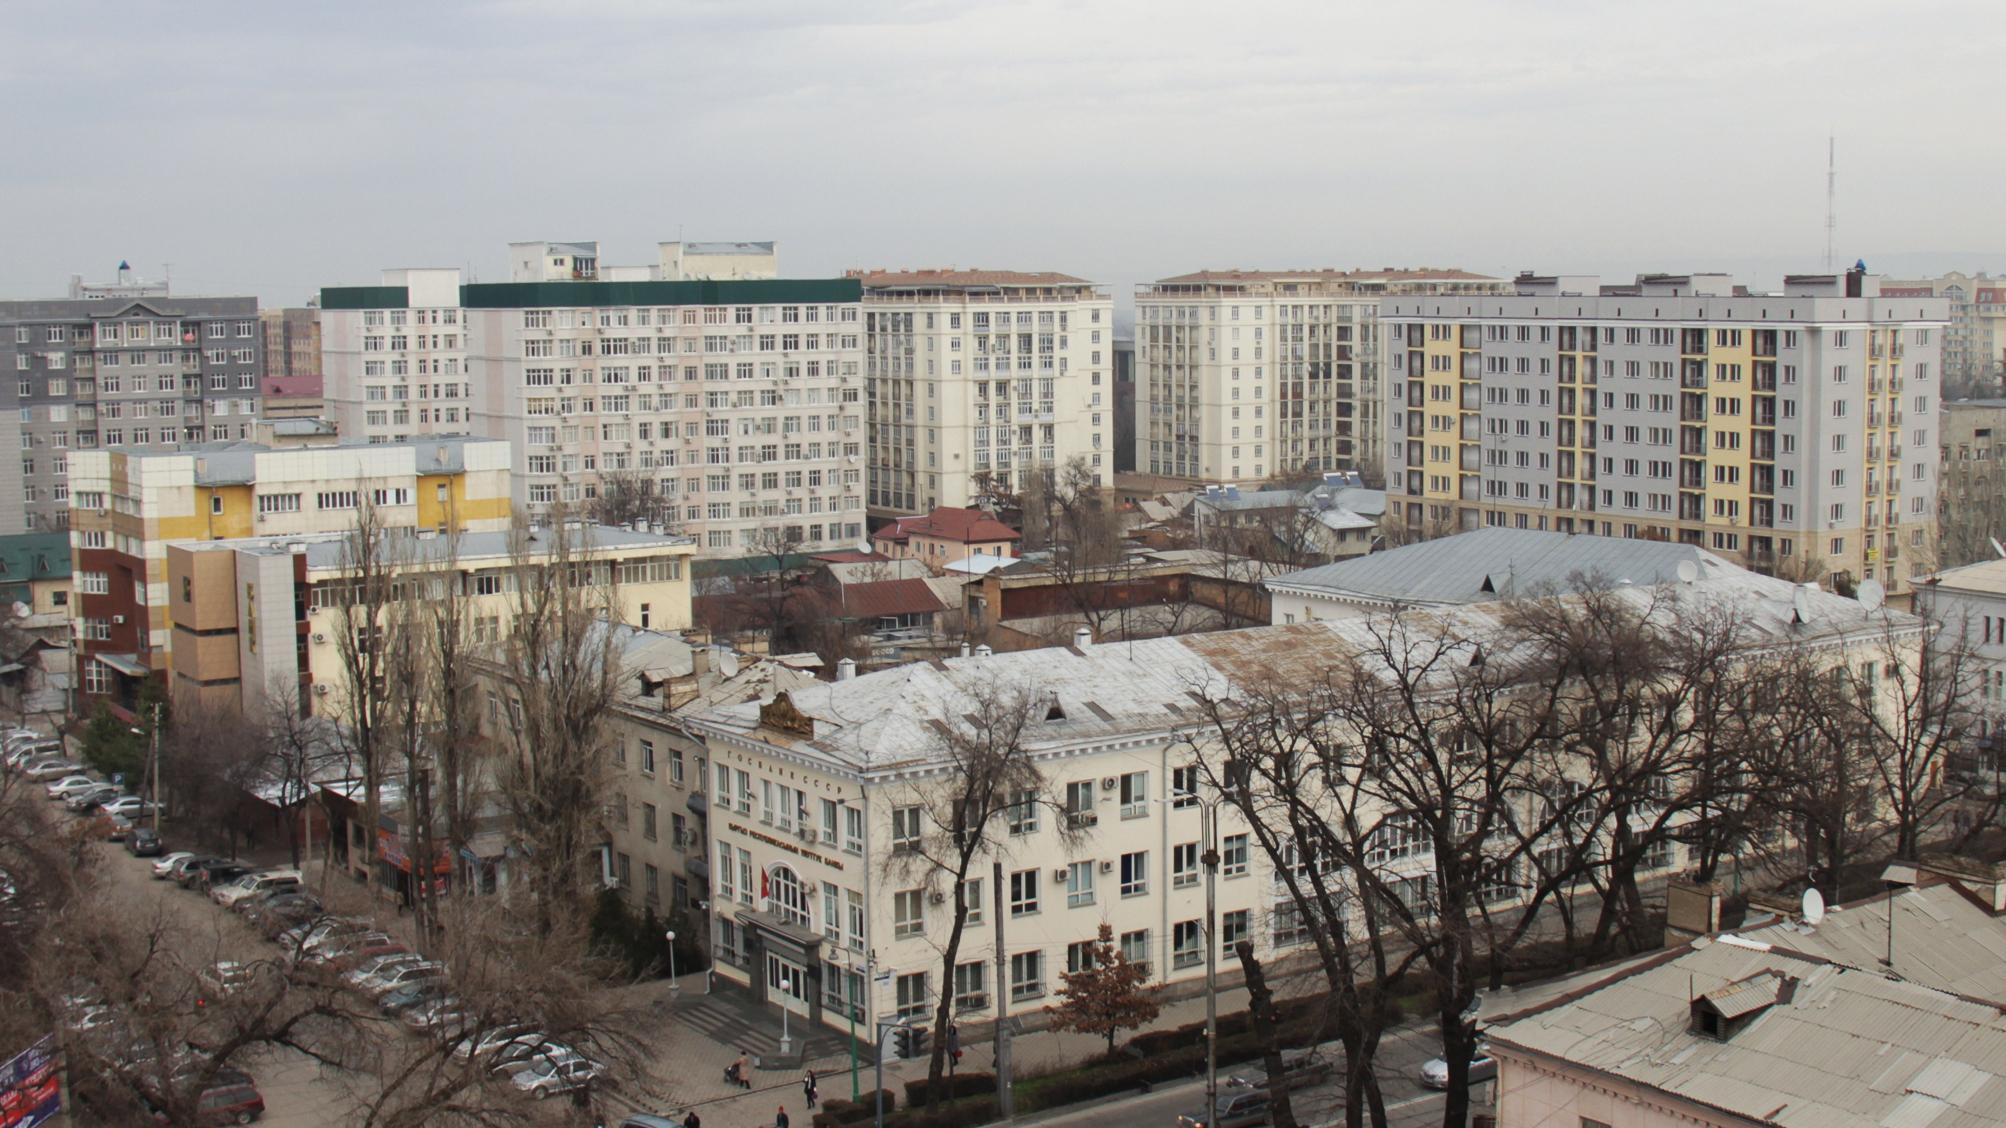 Жаль, что многоквартирные дома Бишкека не отличаются изяществом и красотой. Сверху они выглядят совсем как пластиковые поделки.